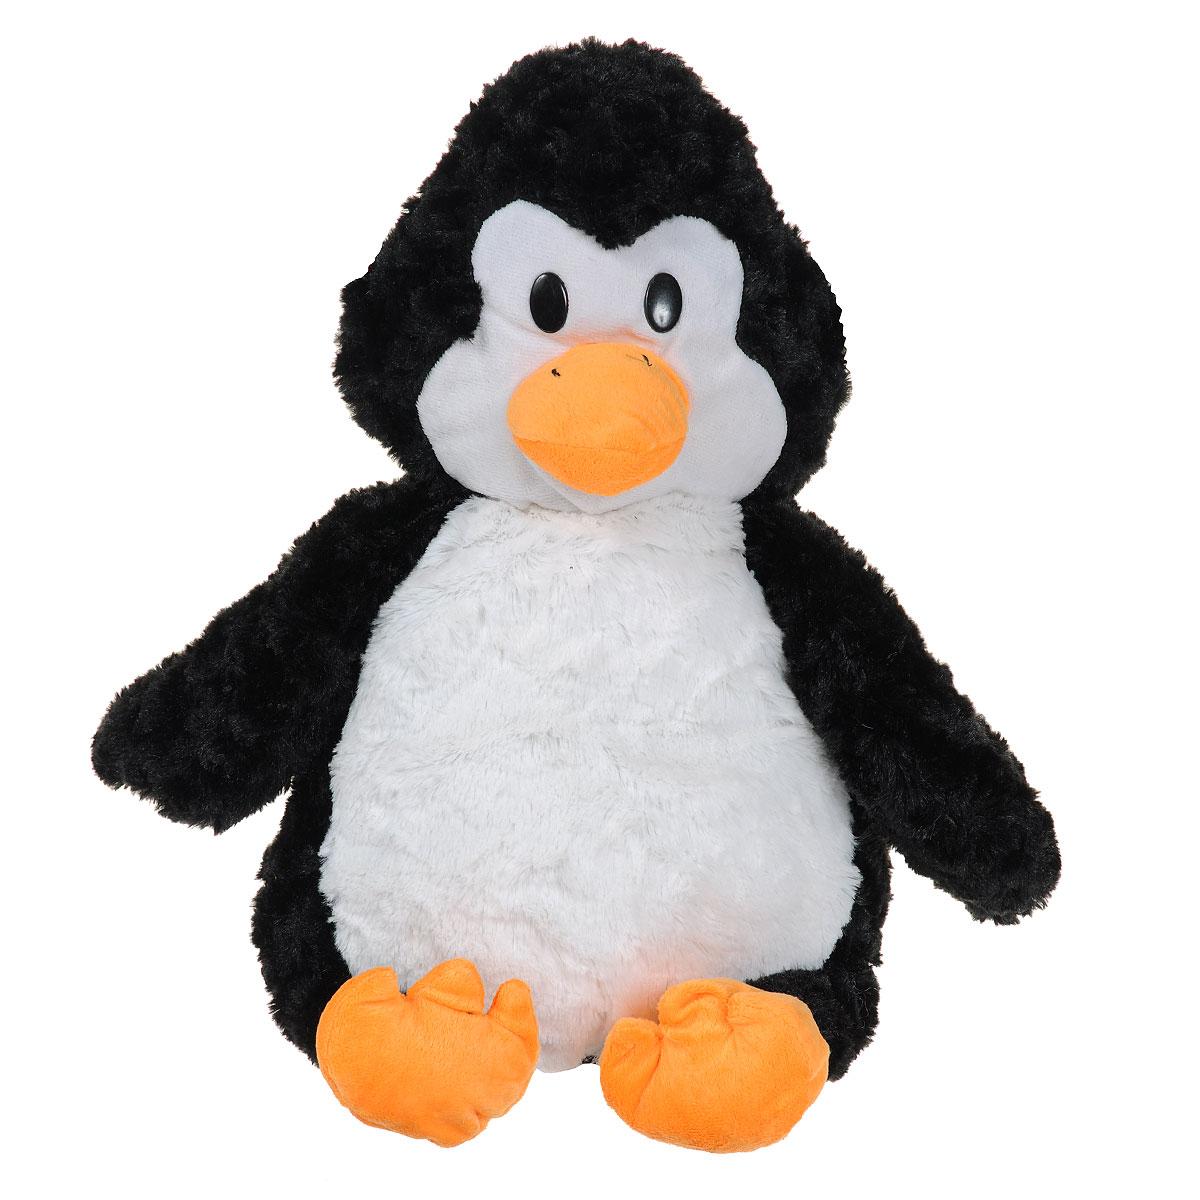 Мягкая игрушка-подушка Bradex Пингвинчик, цвет: черный, белый, оранжевый подушка ортопедическая с функцией памяти bradex здоровый сон